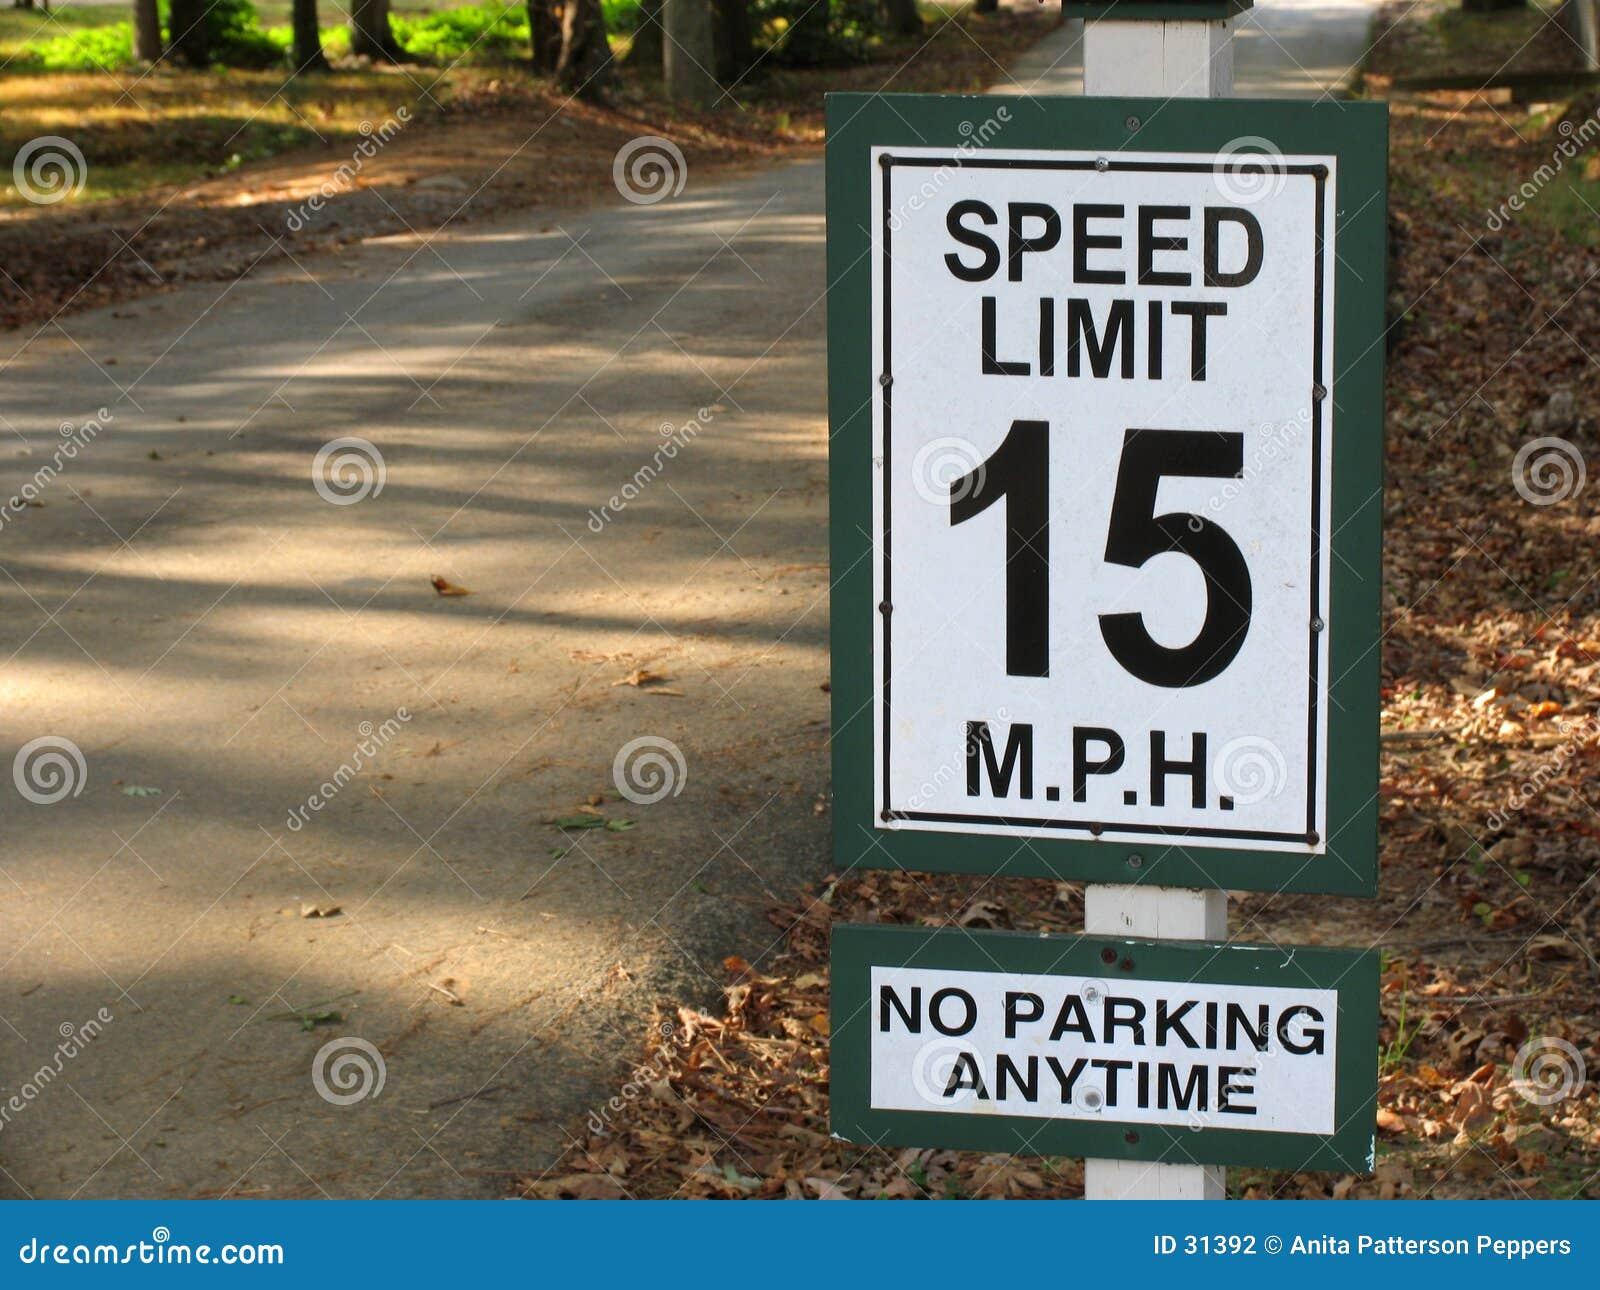 Download Límite de velocidad 15mph foto de archivo. Imagen de muestra - 31392